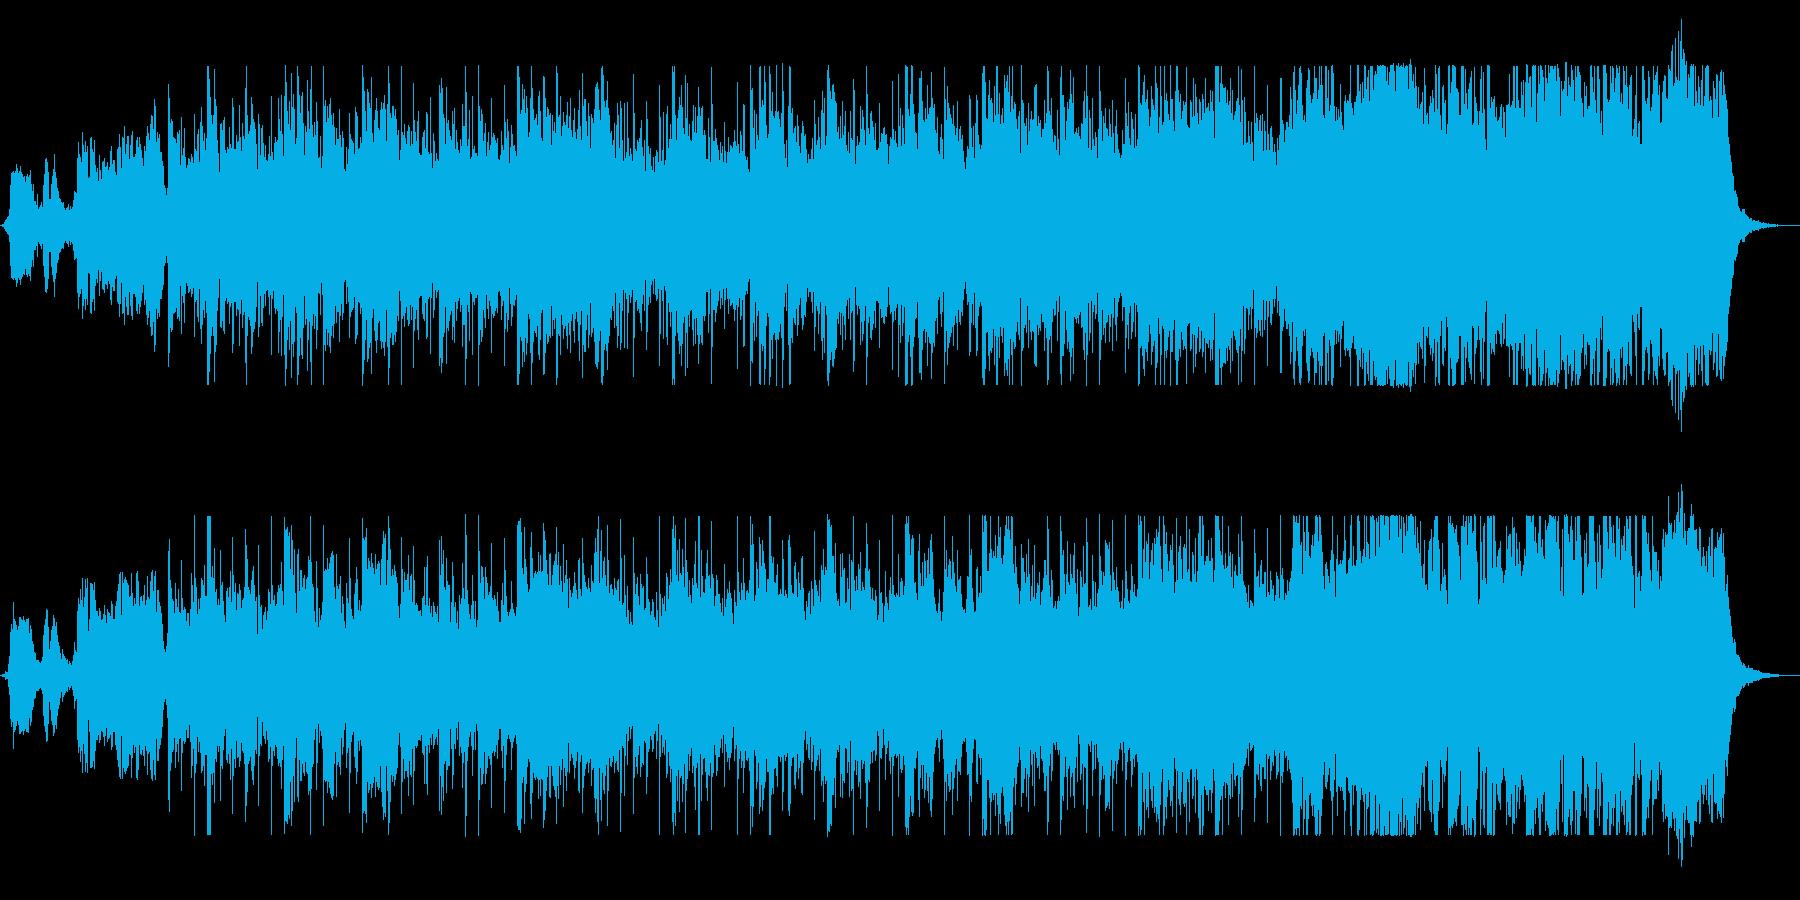 ドラムの音が耳に残るコーラス曲の再生済みの波形